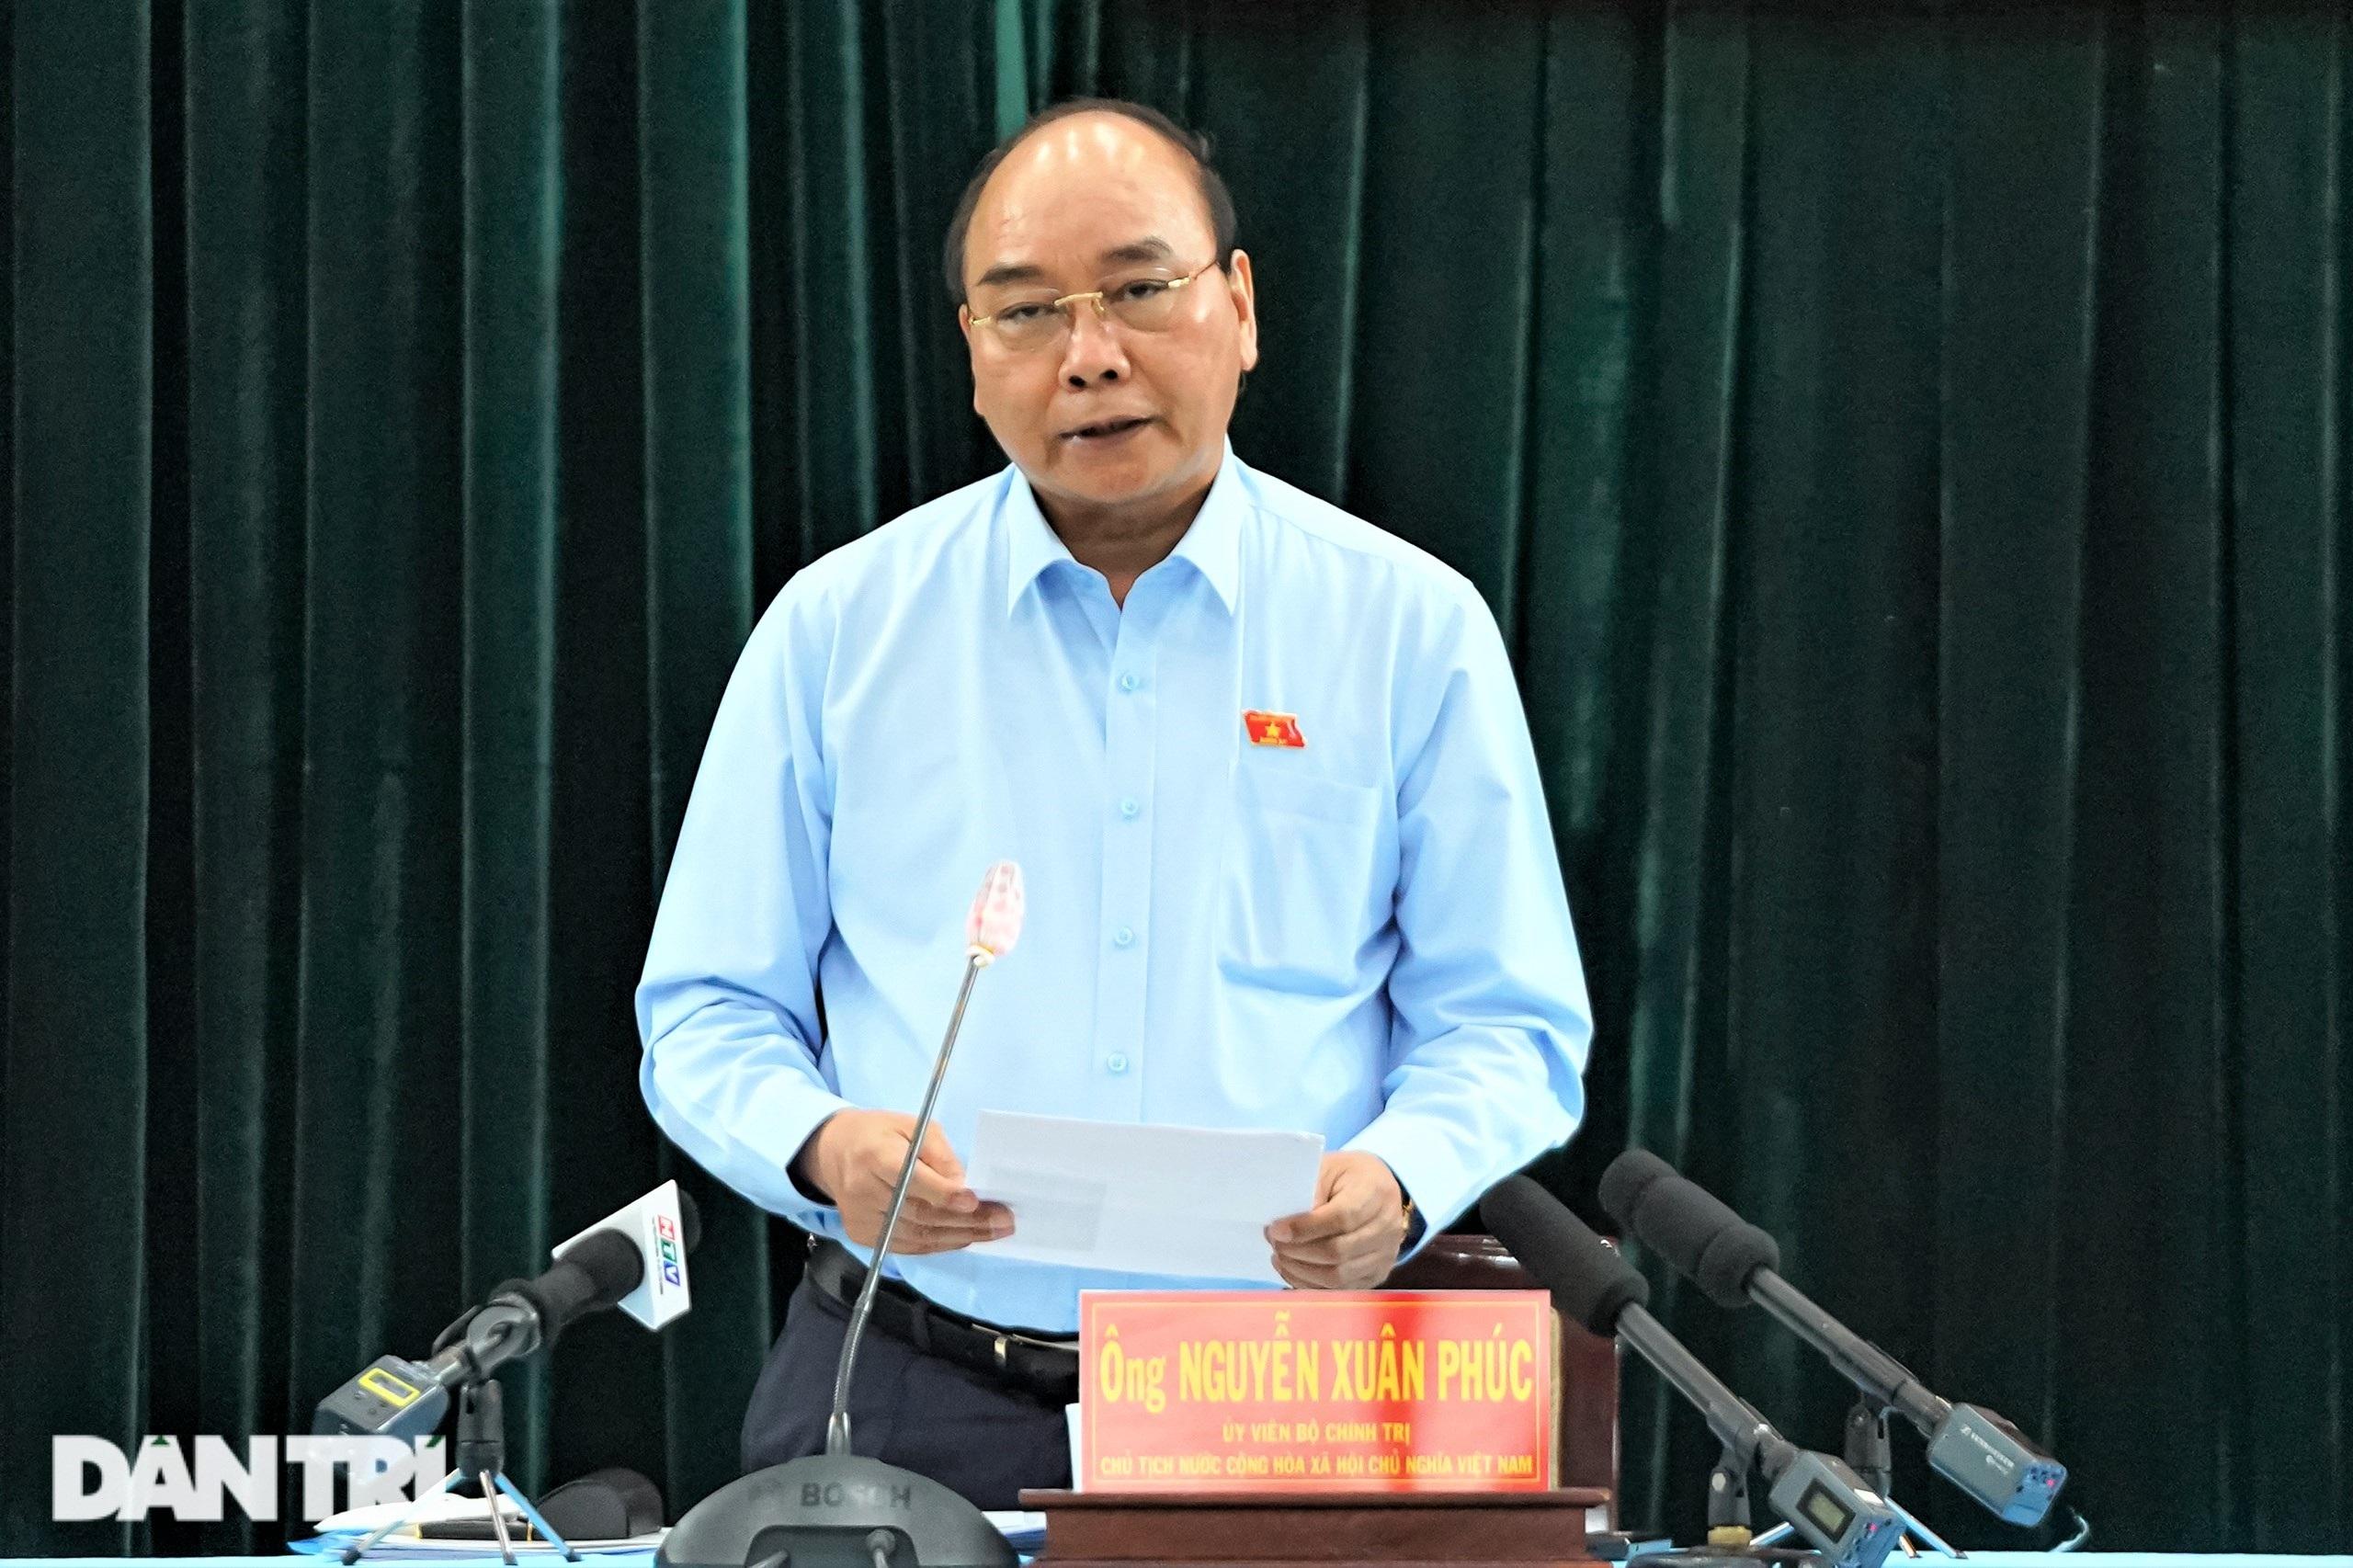 Chủ tịch nước: Nhiệm vụ quan trọng của TPHCM là níu chân người lao động - 6